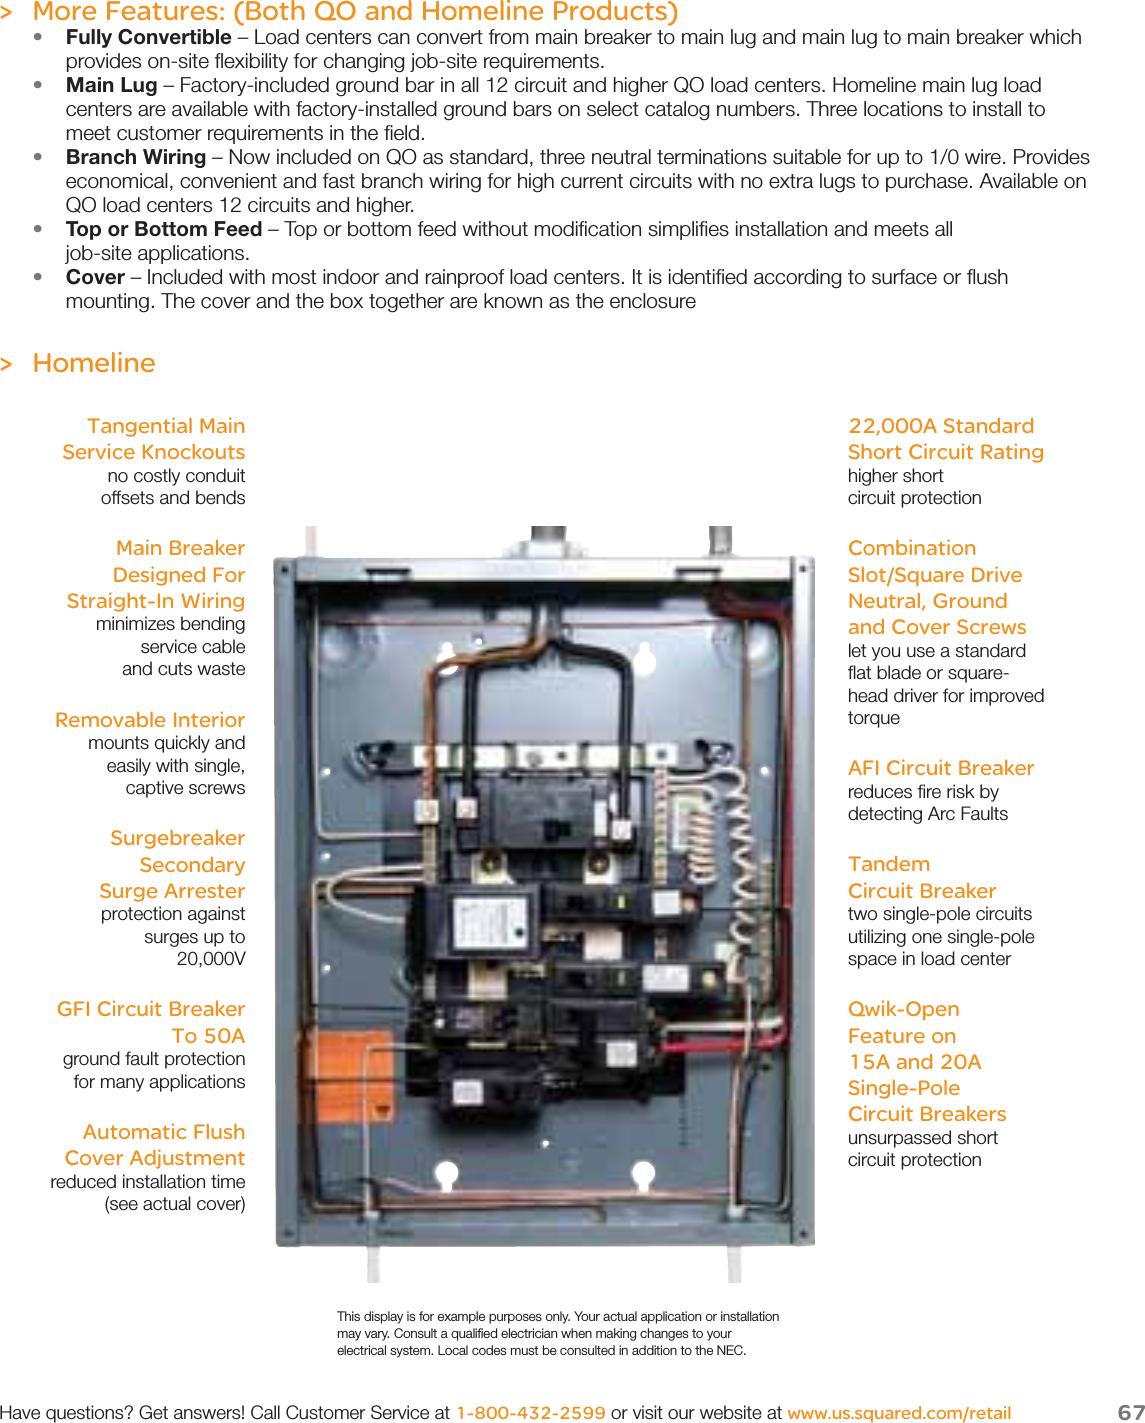 Square D Circuit Breaker Wiring Diagram